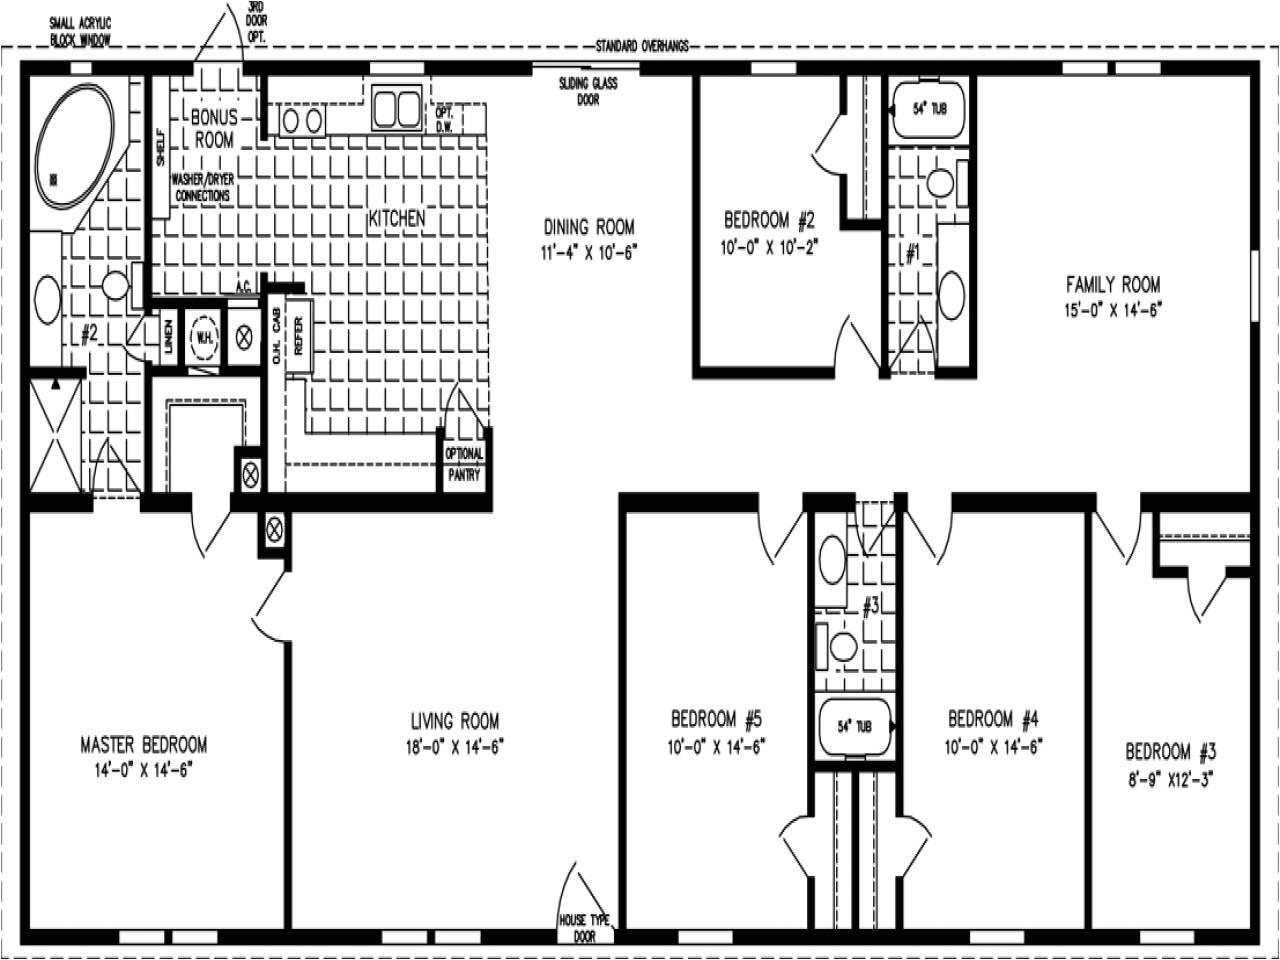 double wide floor plans 5 bedroom